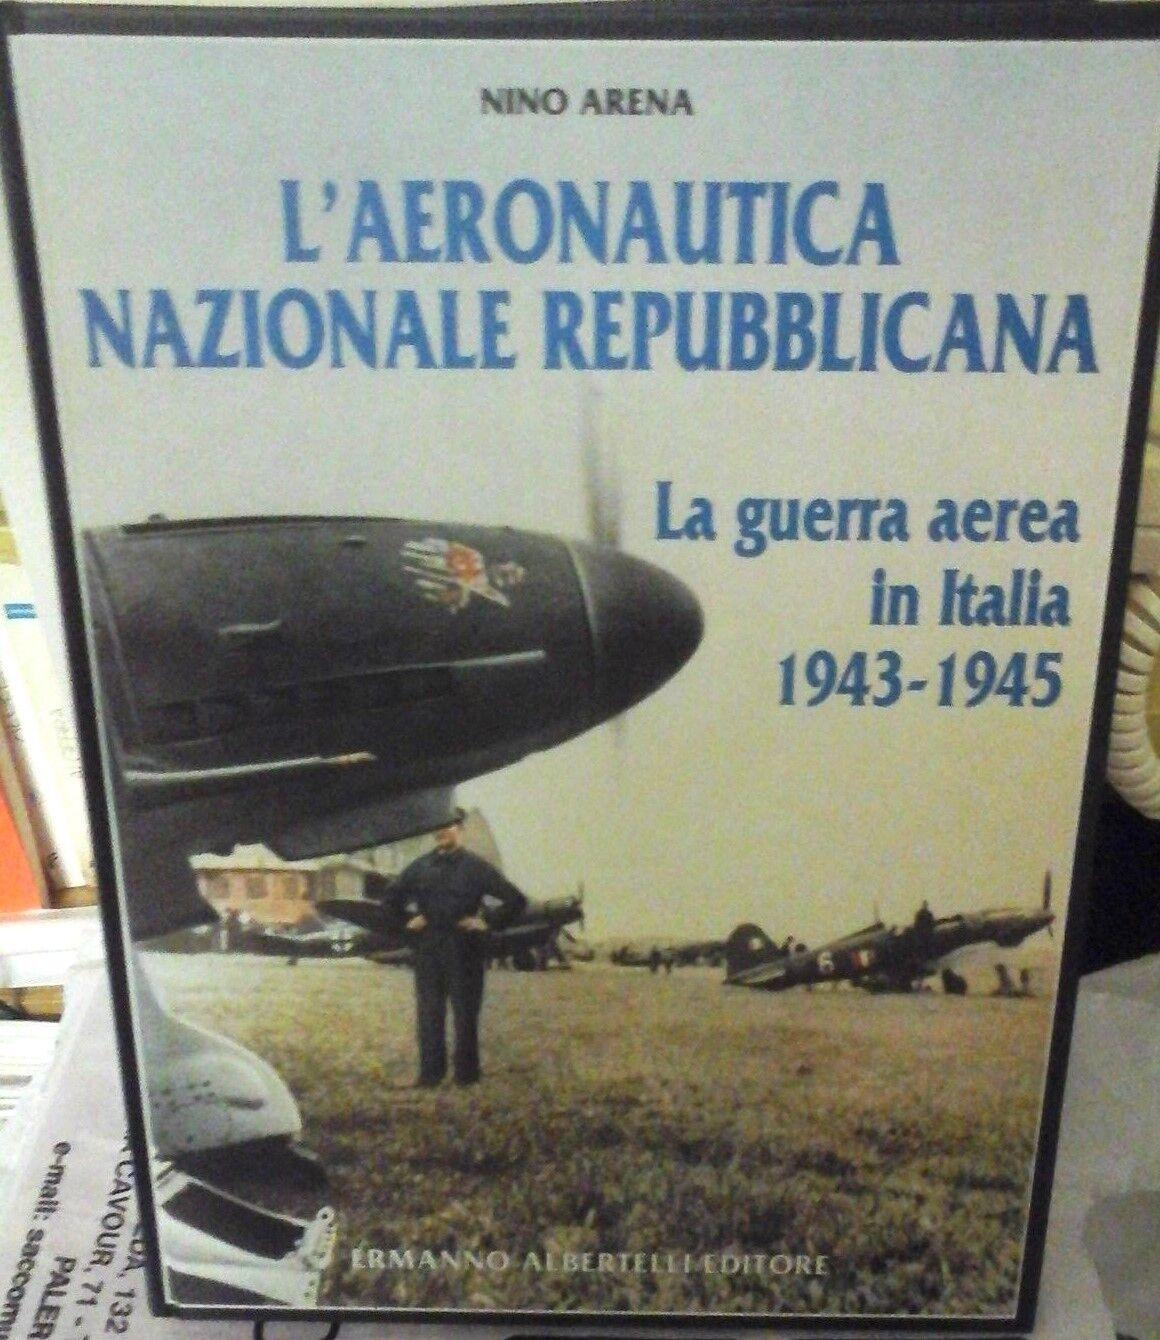 L'AERONAUTICA NAZIONALE REPUBBLICANA -LA GUERRA AEREA IN ITALIA 1943 45 BY NINO